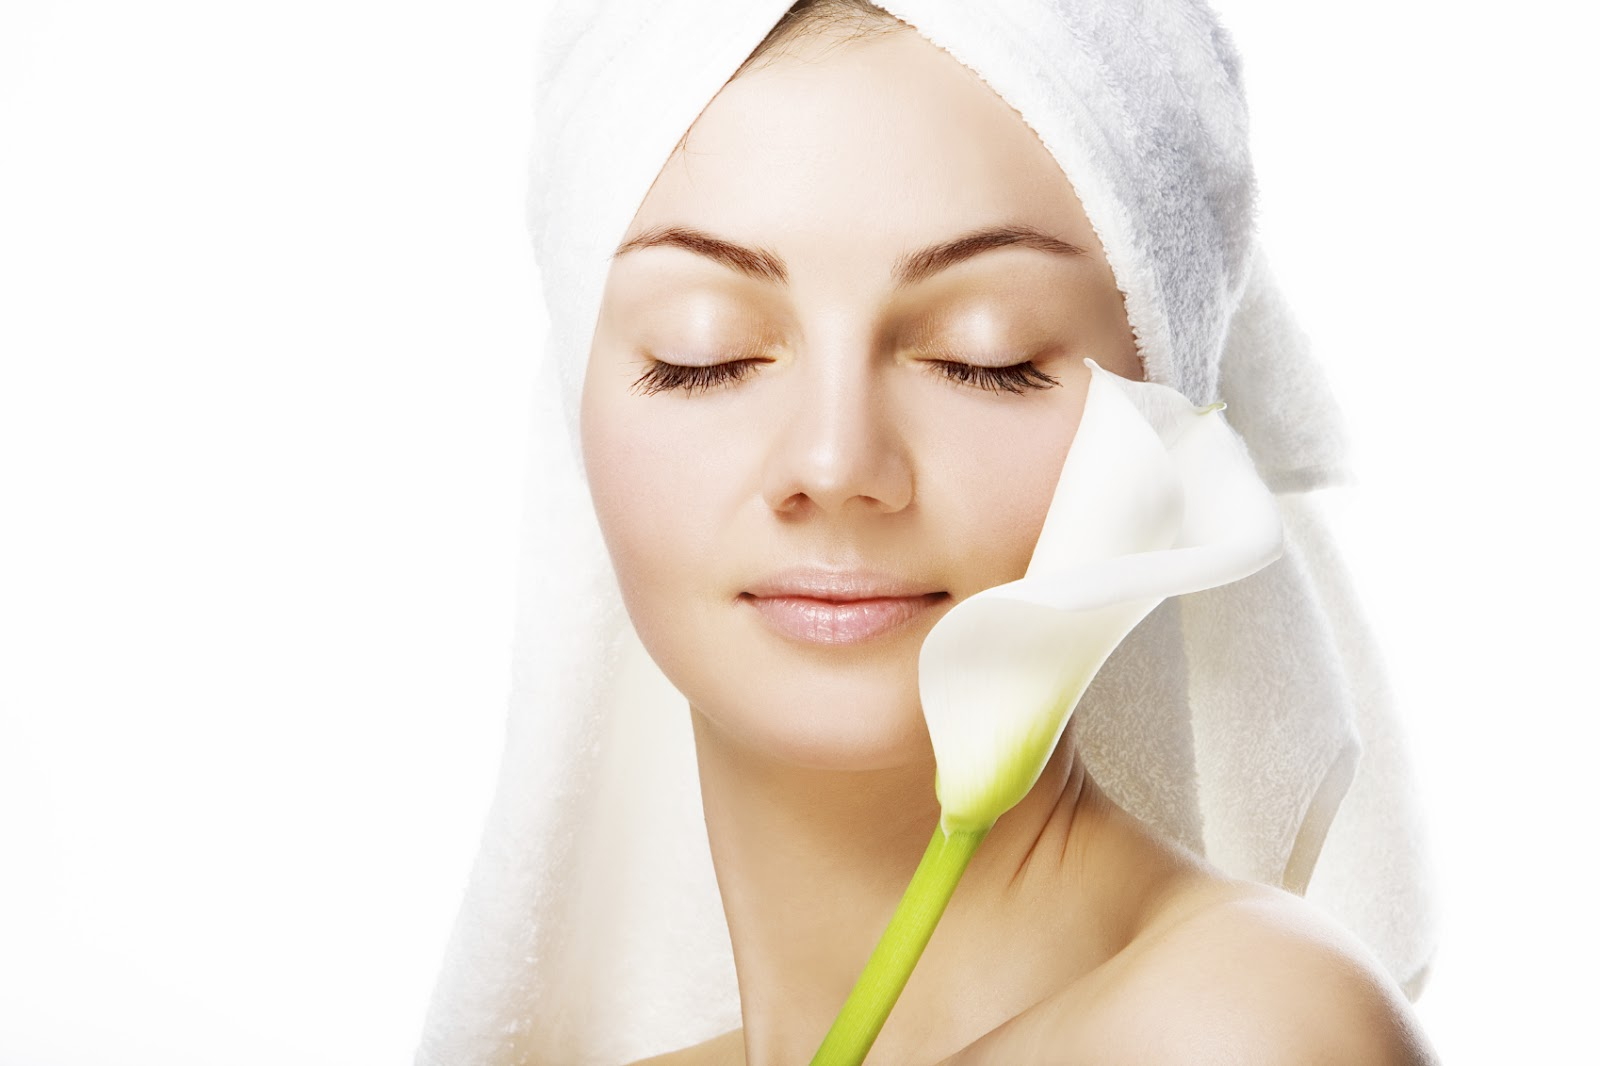 Tratament naturist împotriva acneei